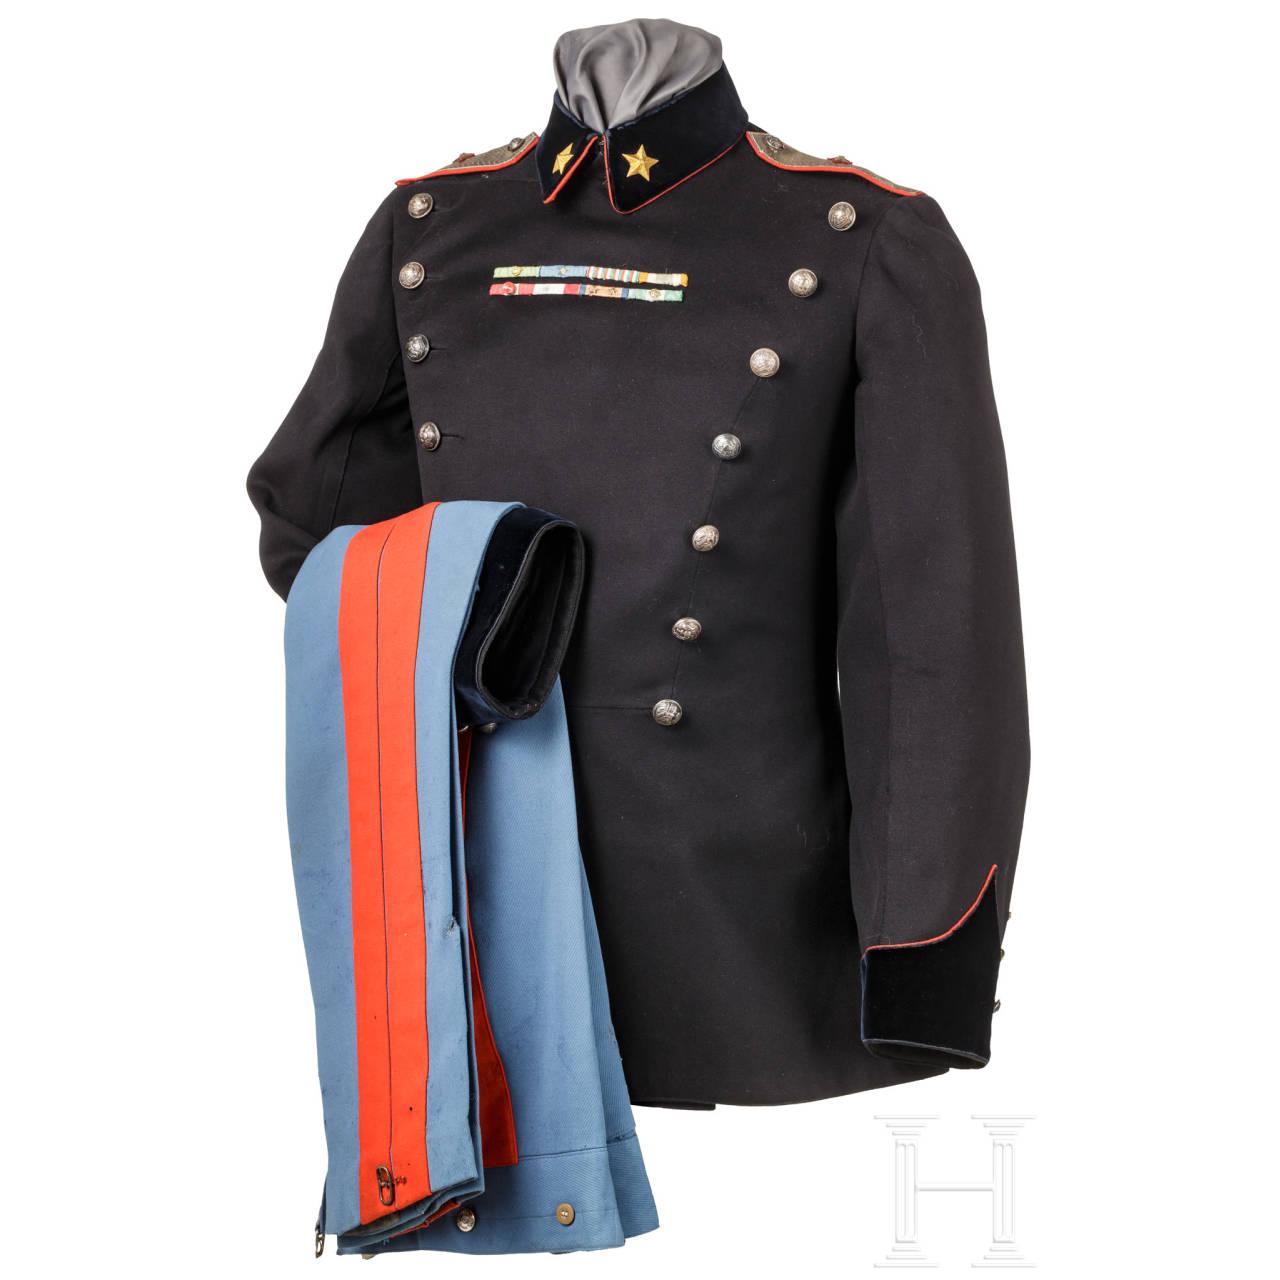 Uniformensemble für Generale aus der Regierungszeit des Königs Umberto II. von Savoyen (1904-83)